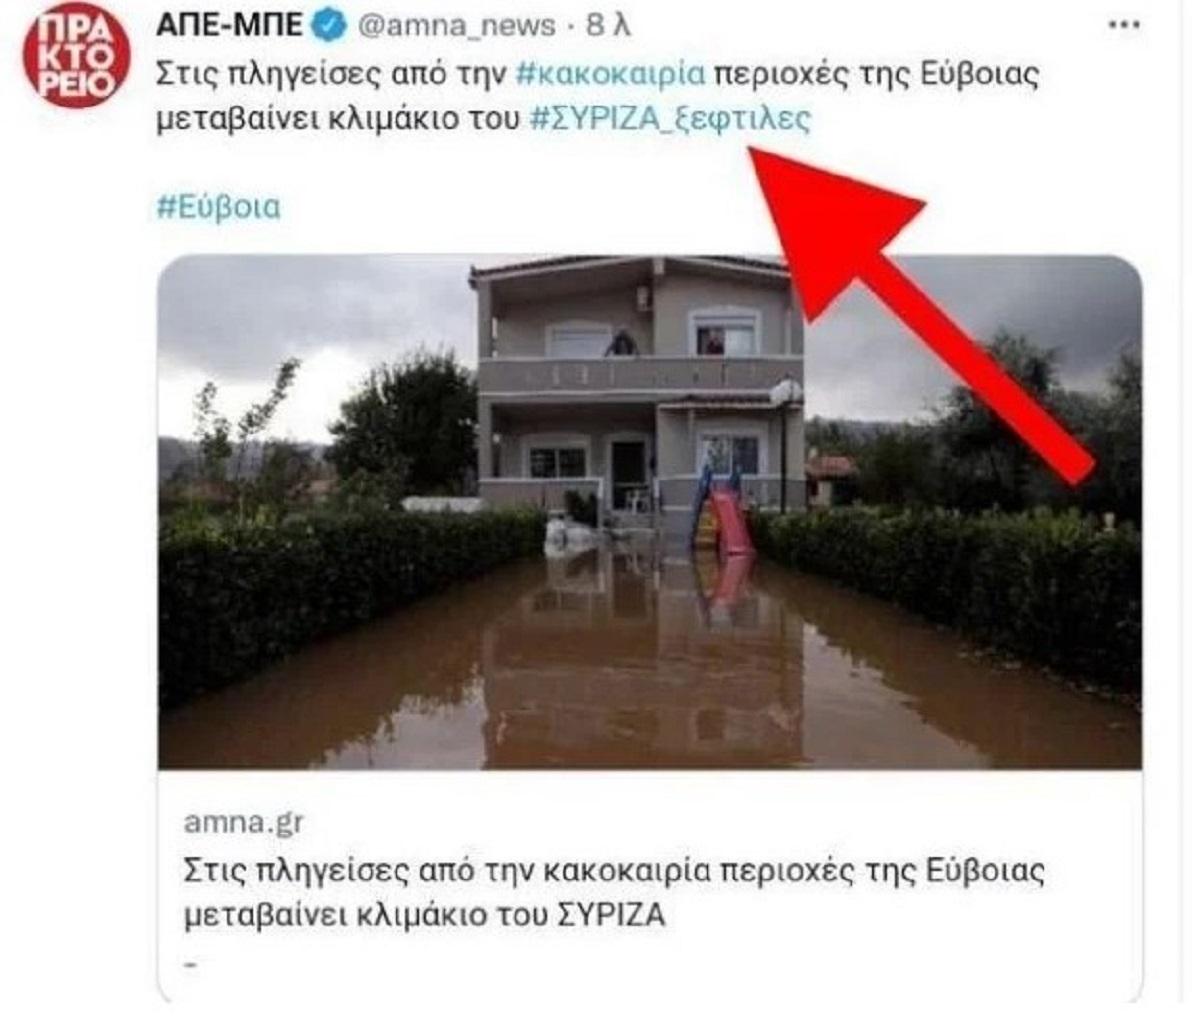 Γκάφα από ΑΠΕ-ΜΠΕ: Ανάρτηση στο Twitter με το hashtag #ΣΥΡΙΖΑ_ξεφτίλες!